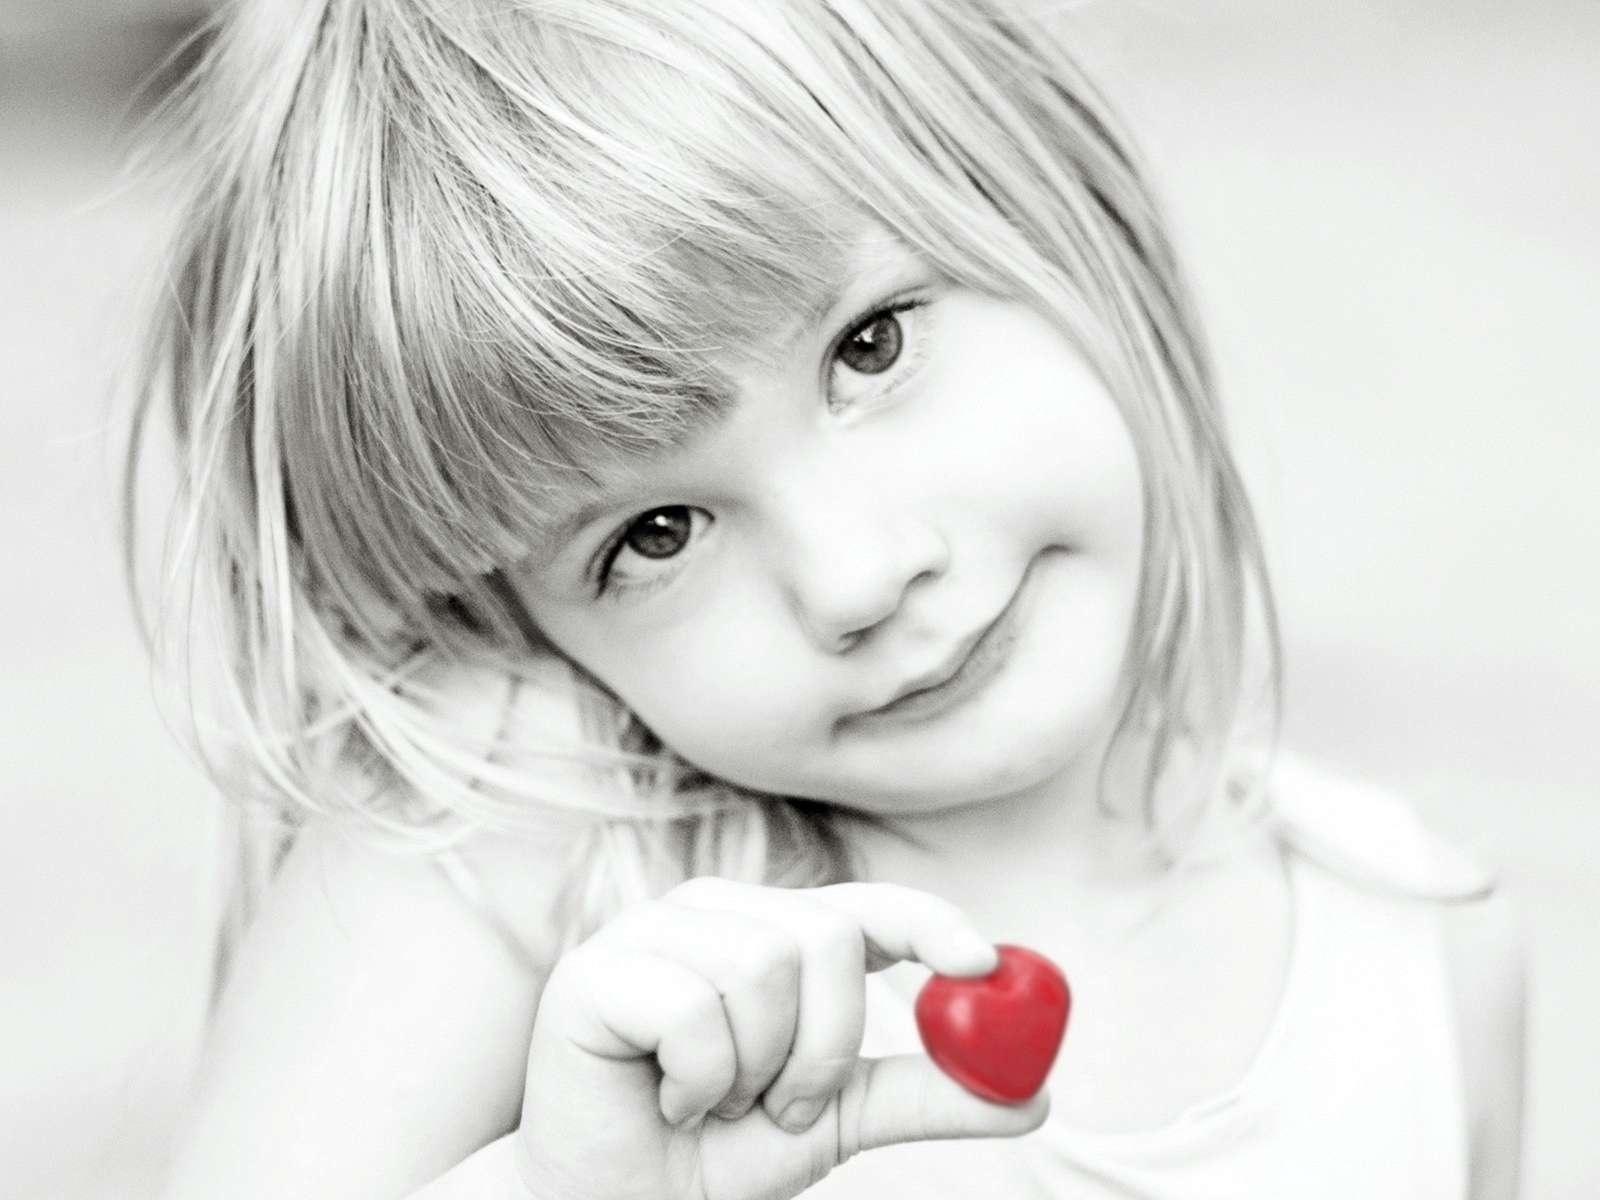 Красивые фото на аватарку для детей